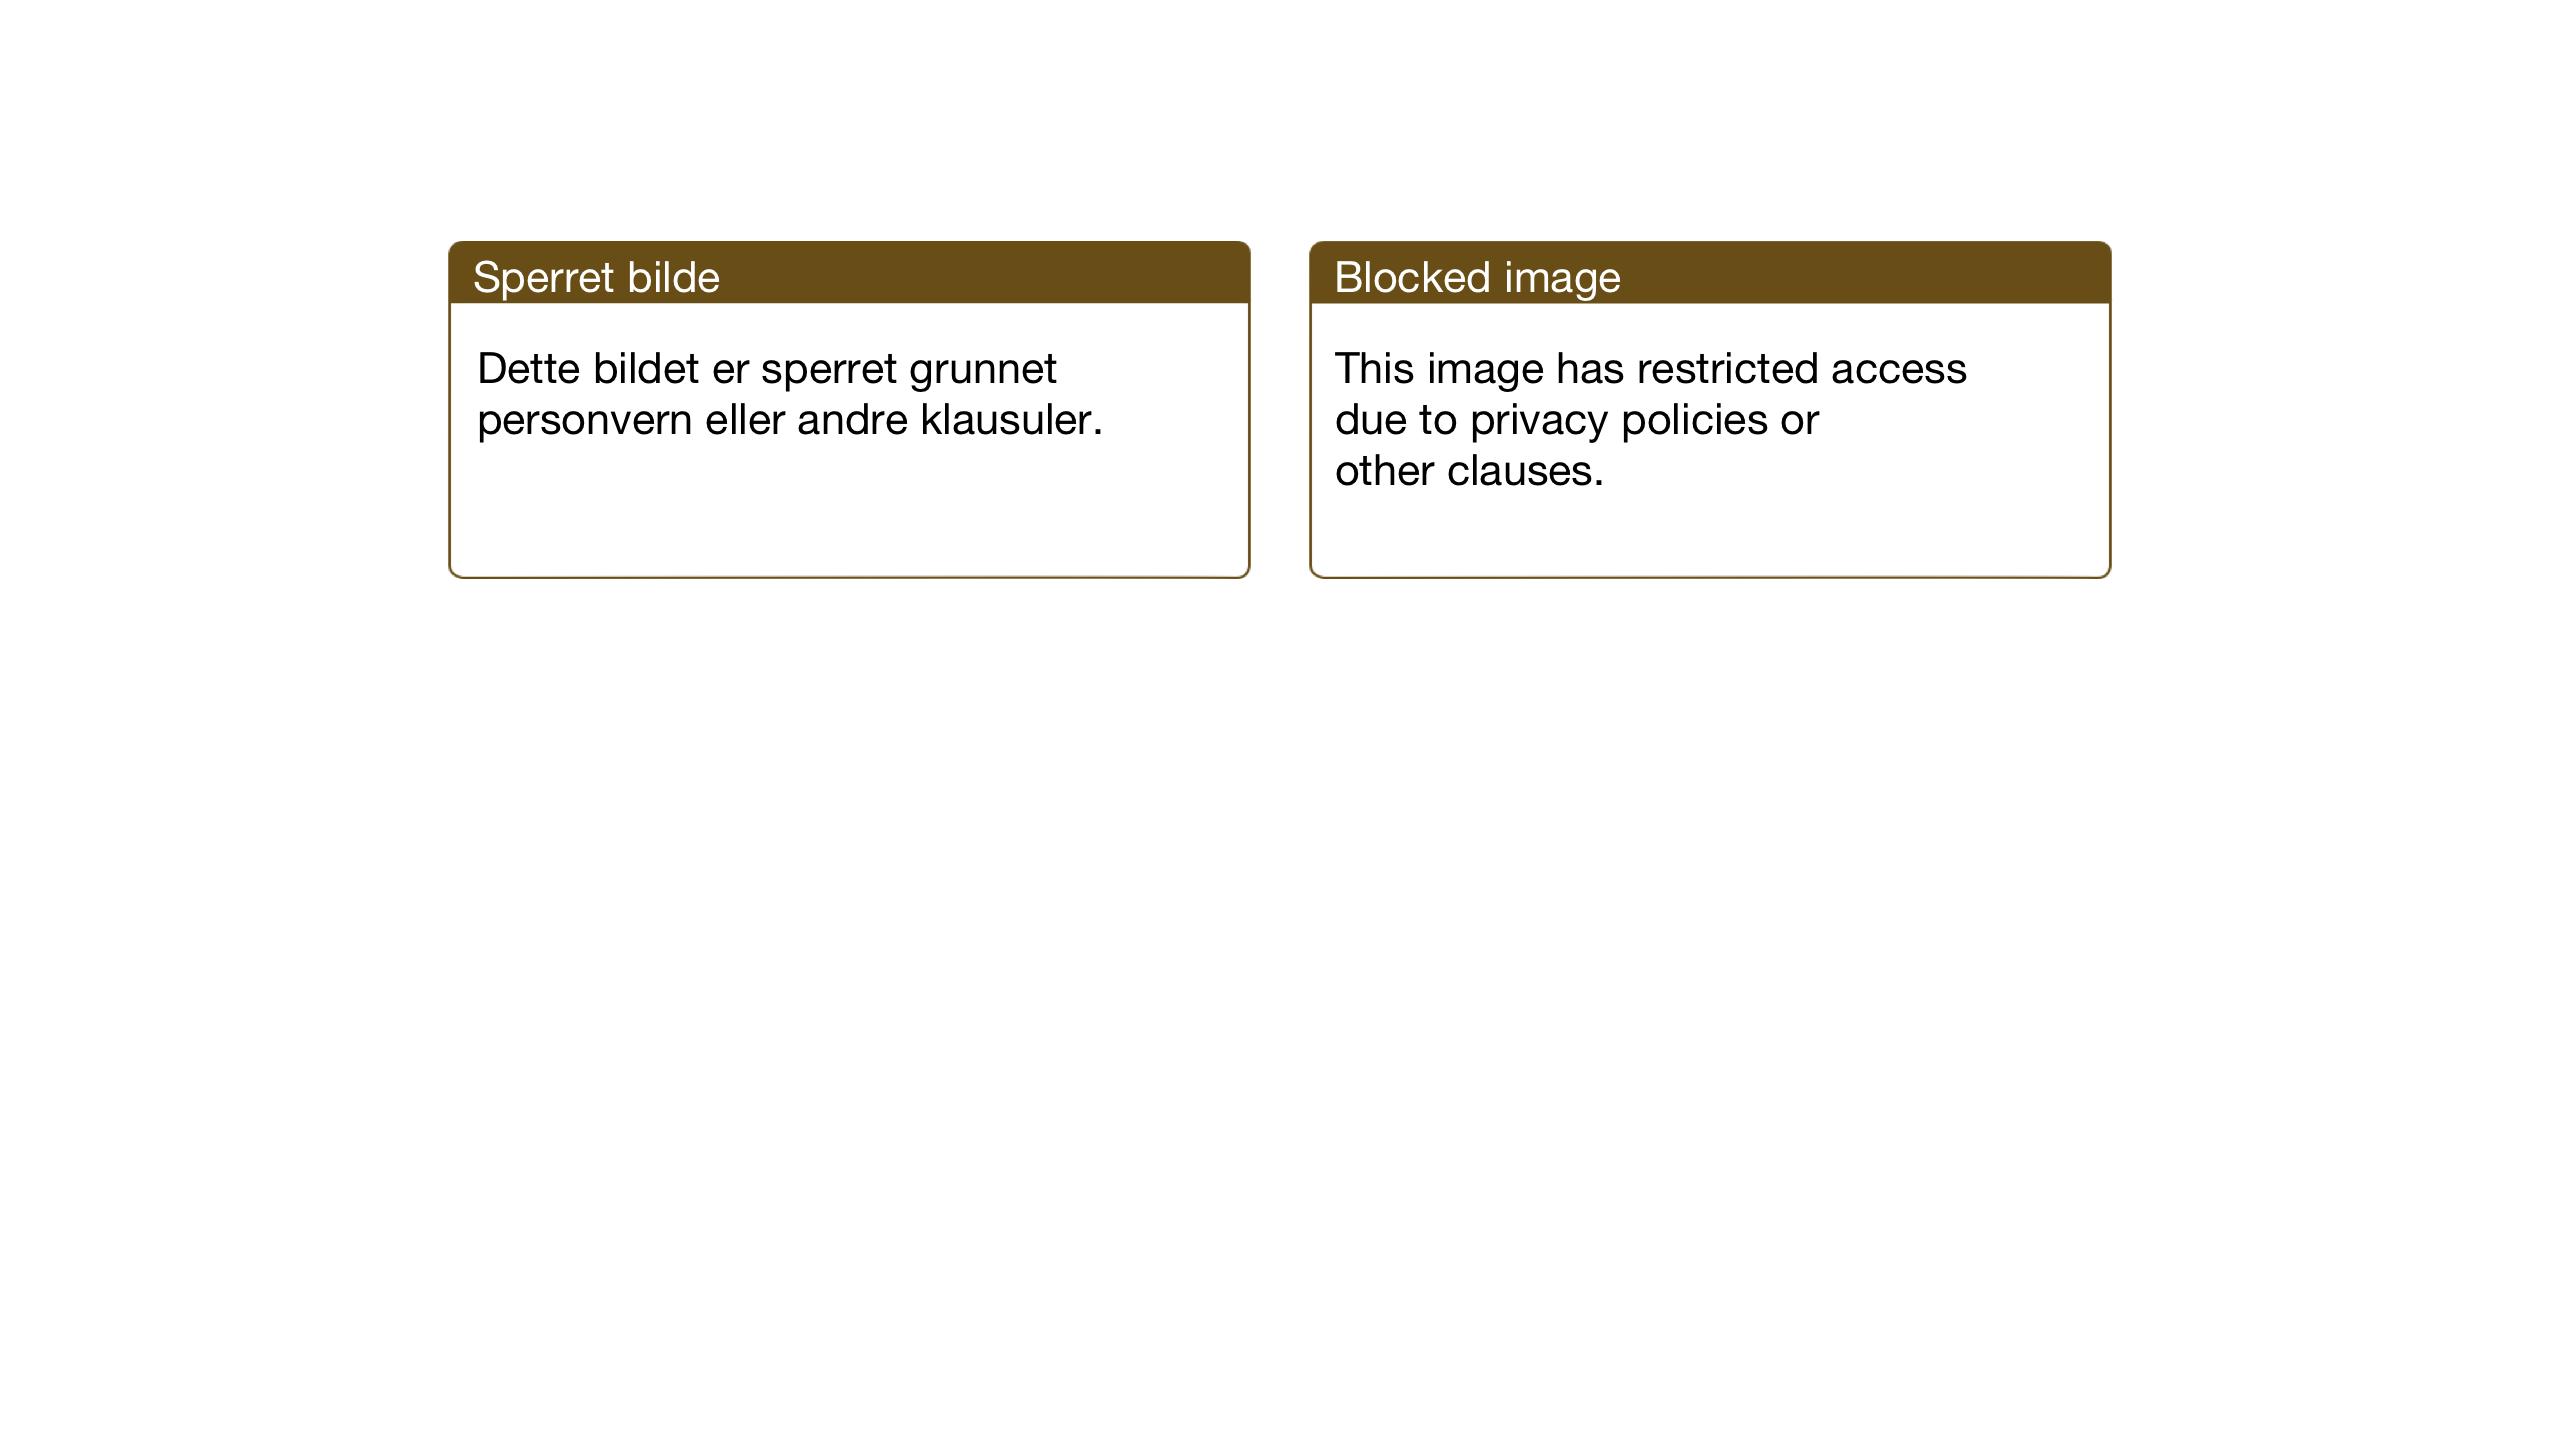 SAT, Ministerialprotokoller, klokkerbøker og fødselsregistre - Sør-Trøndelag, 630/L0508: Klokkerbok nr. 630C06, 1933-1950, s. 142